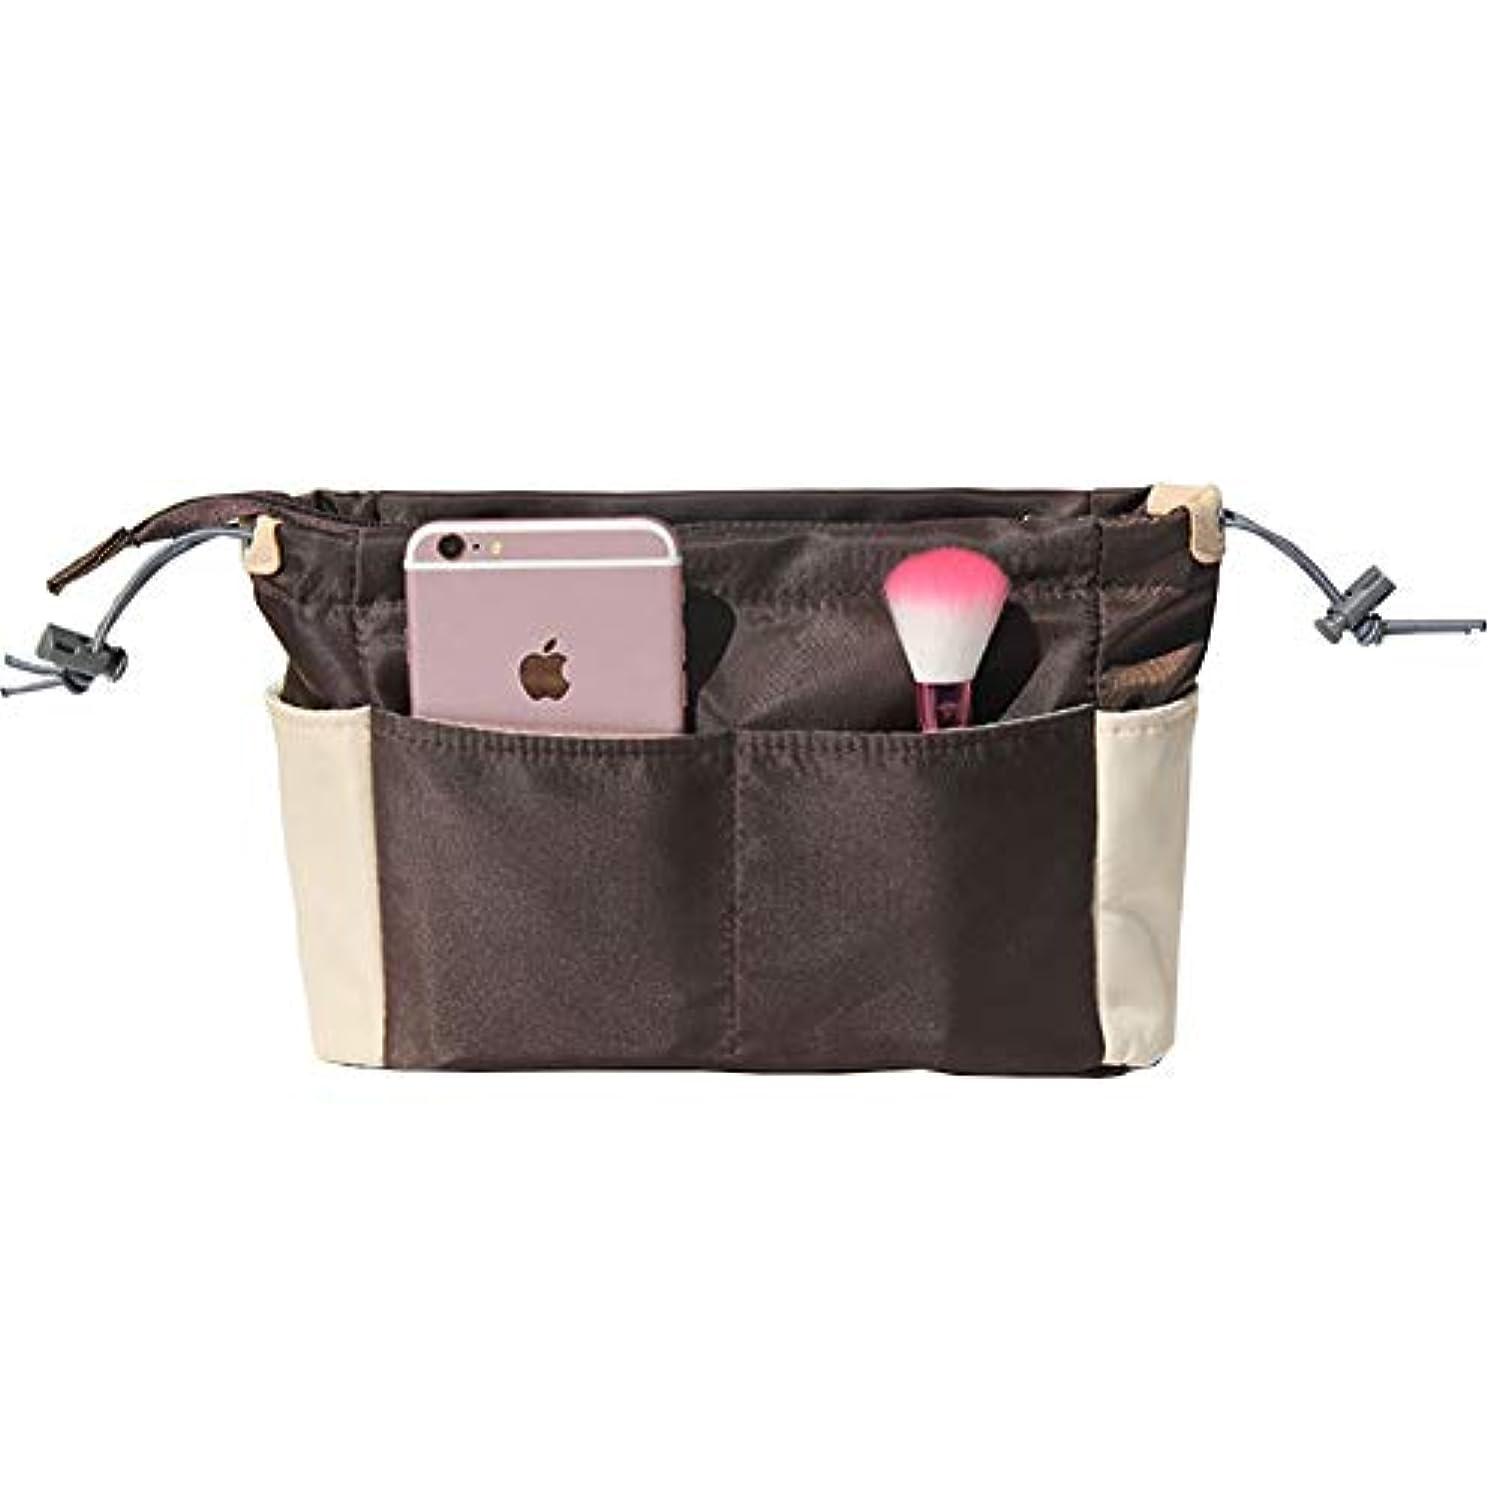 刃評議会恋人HOYOFO インナーバッグ バッグインバッグ 軽量 多機能収納 ファスナー付き 小物入れ 整理整頓 大容量 レディース メンズ コーヒー